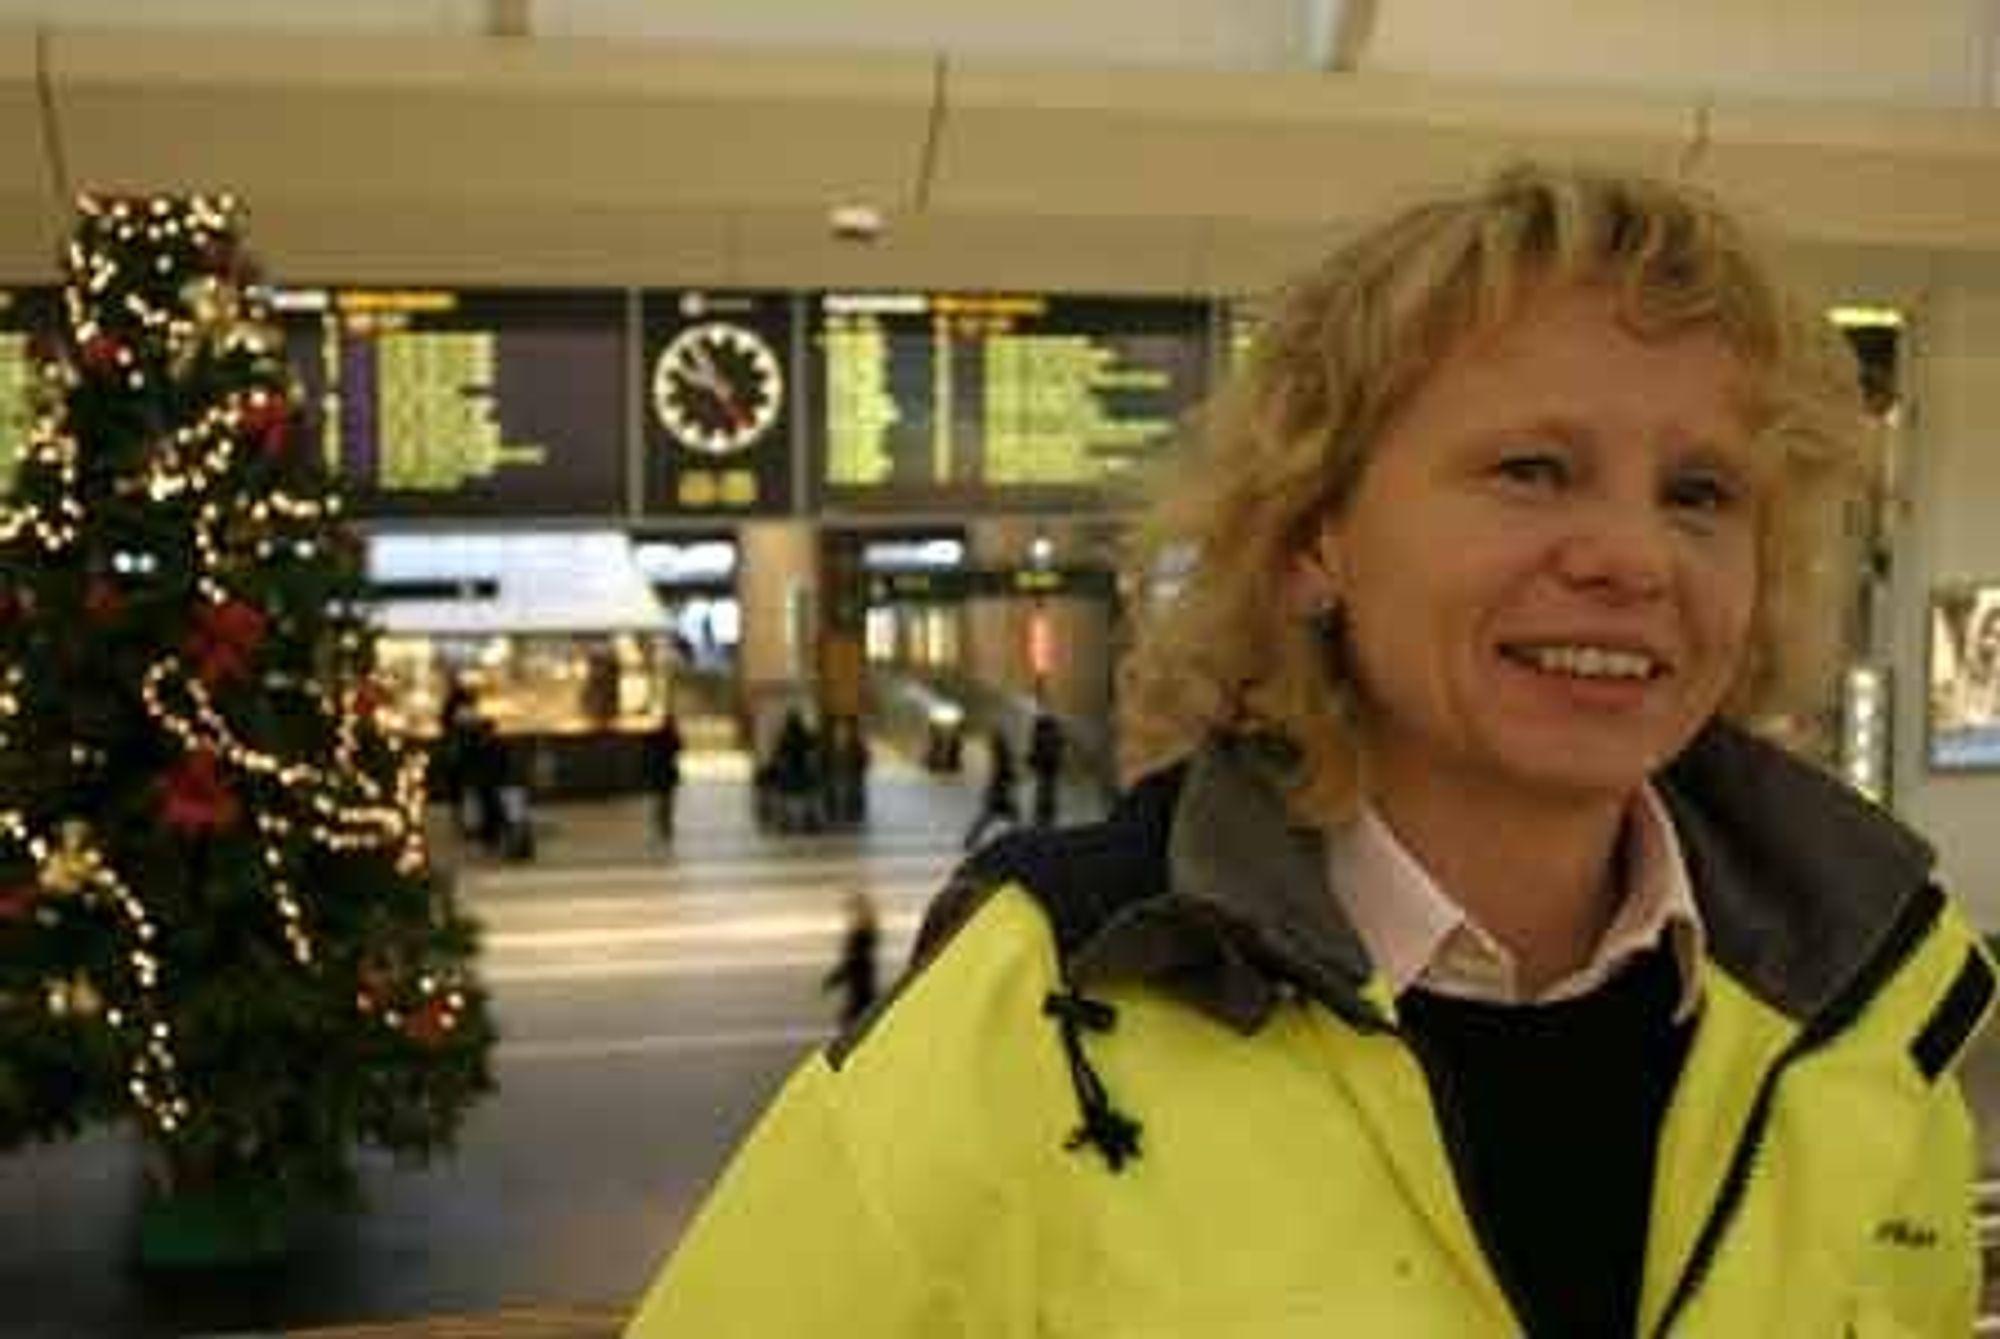 Beate Isetorp i Jernbaneverket er mer bekymret for at det skal skje noe galt på Oslo S julaften enn at hun ikke får smakt akevitt i år.